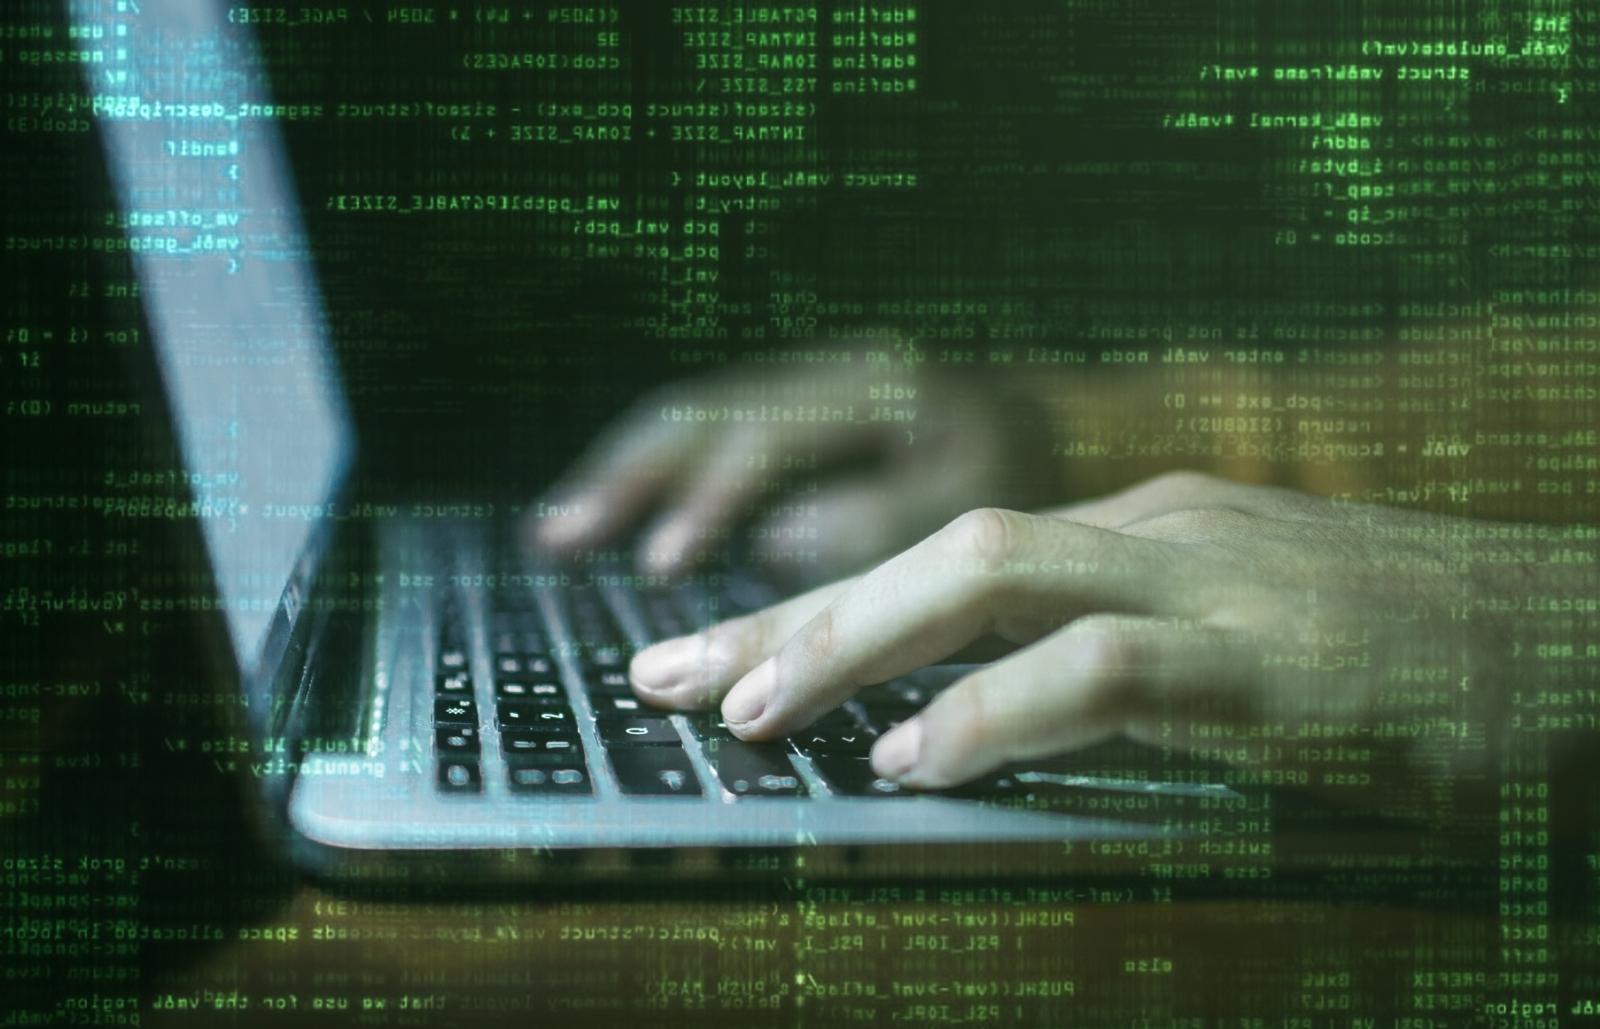 Hacking hands